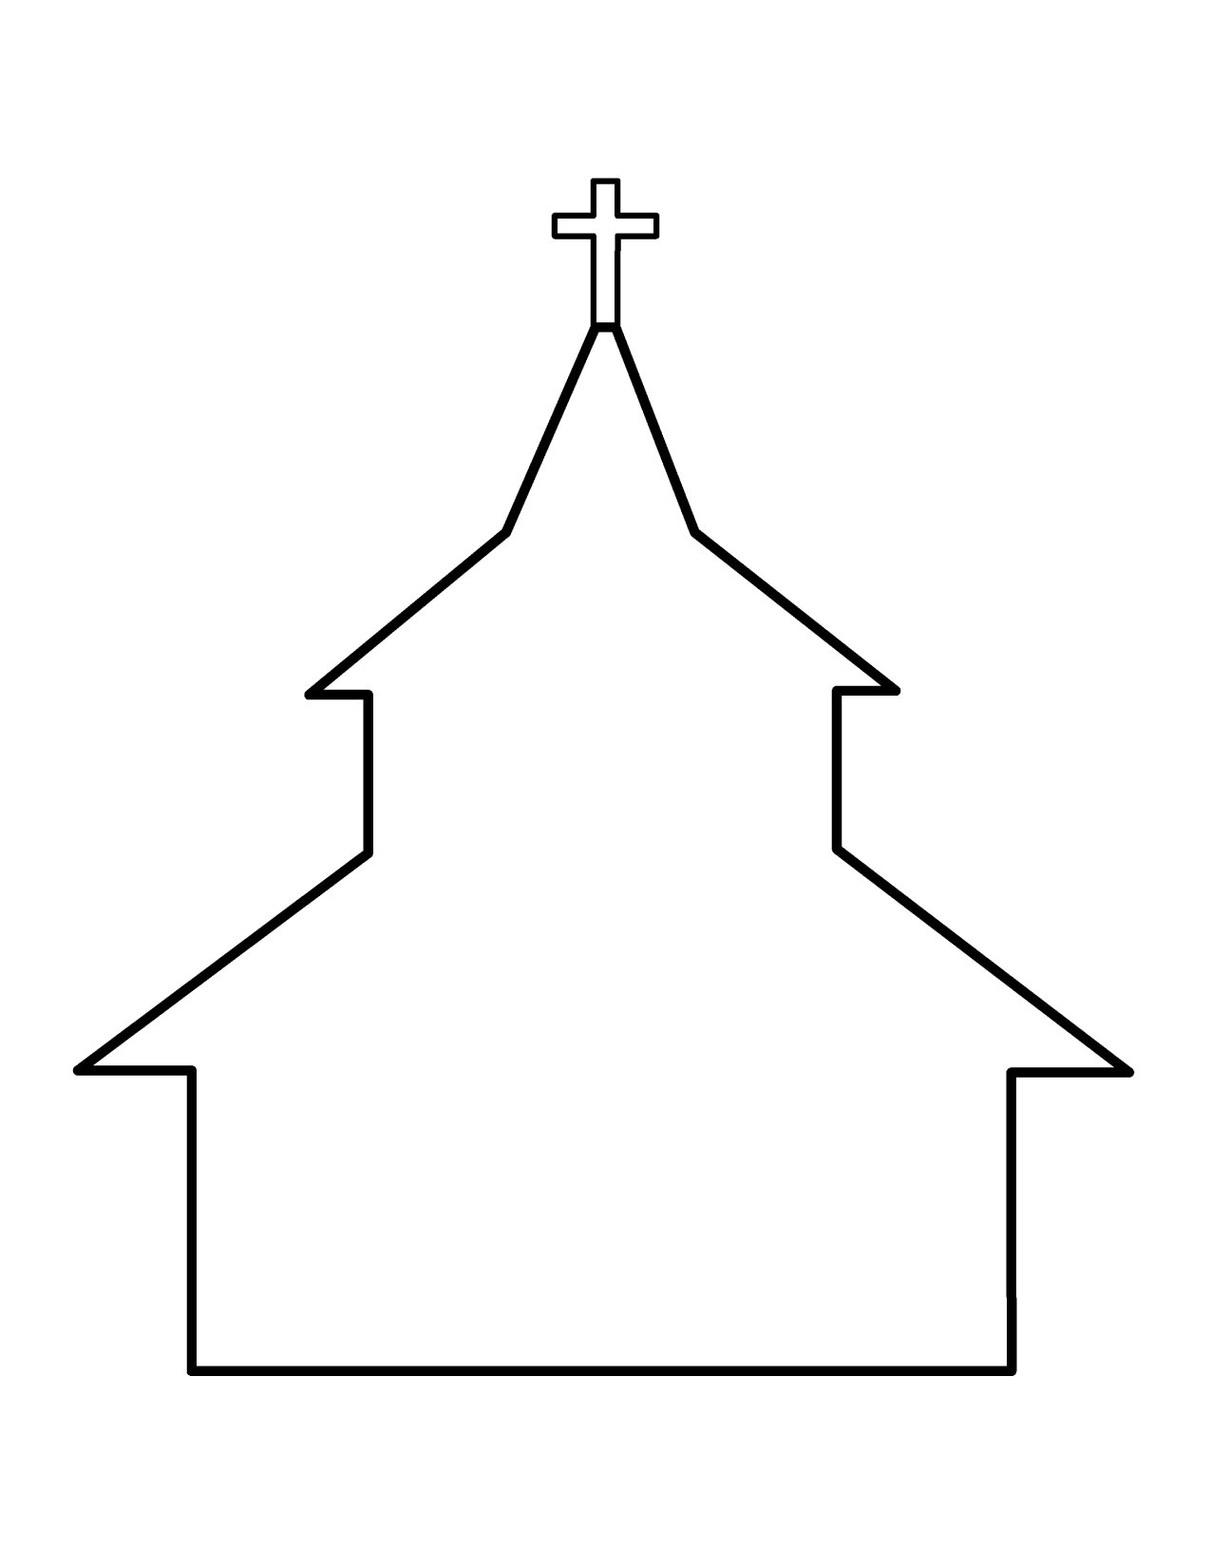 ... Church Border Clip Art Clipart - Fre-... Church Border Clip Art Clipart - Free to use Clip Art Resource ...-13